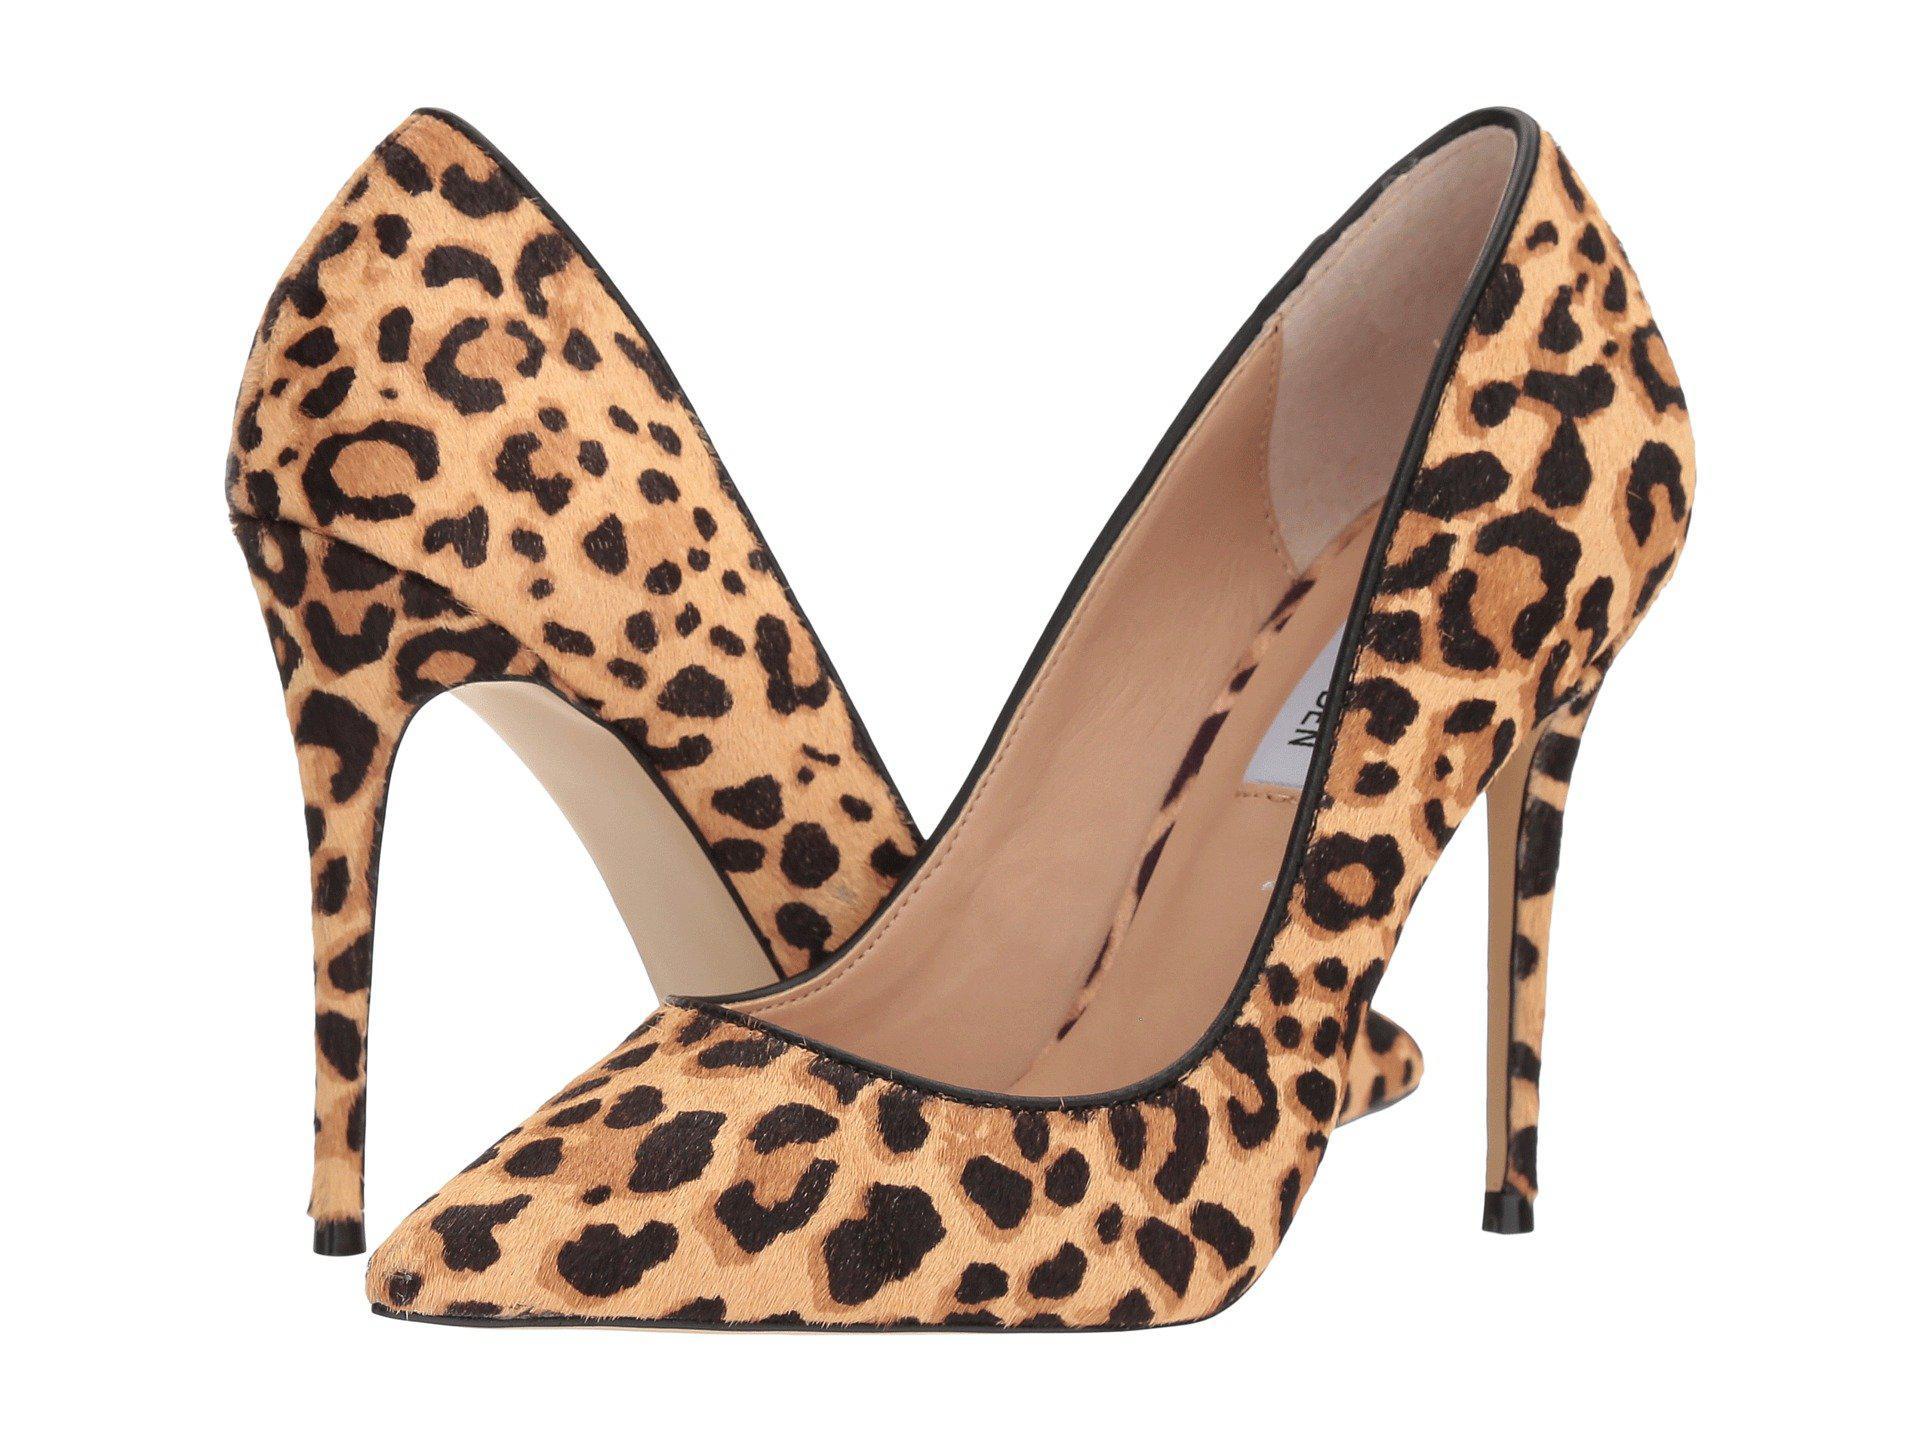 4094147f86f Lyst - Steve Madden Daisie-l Pump (leopard) High Heels in Brown ...